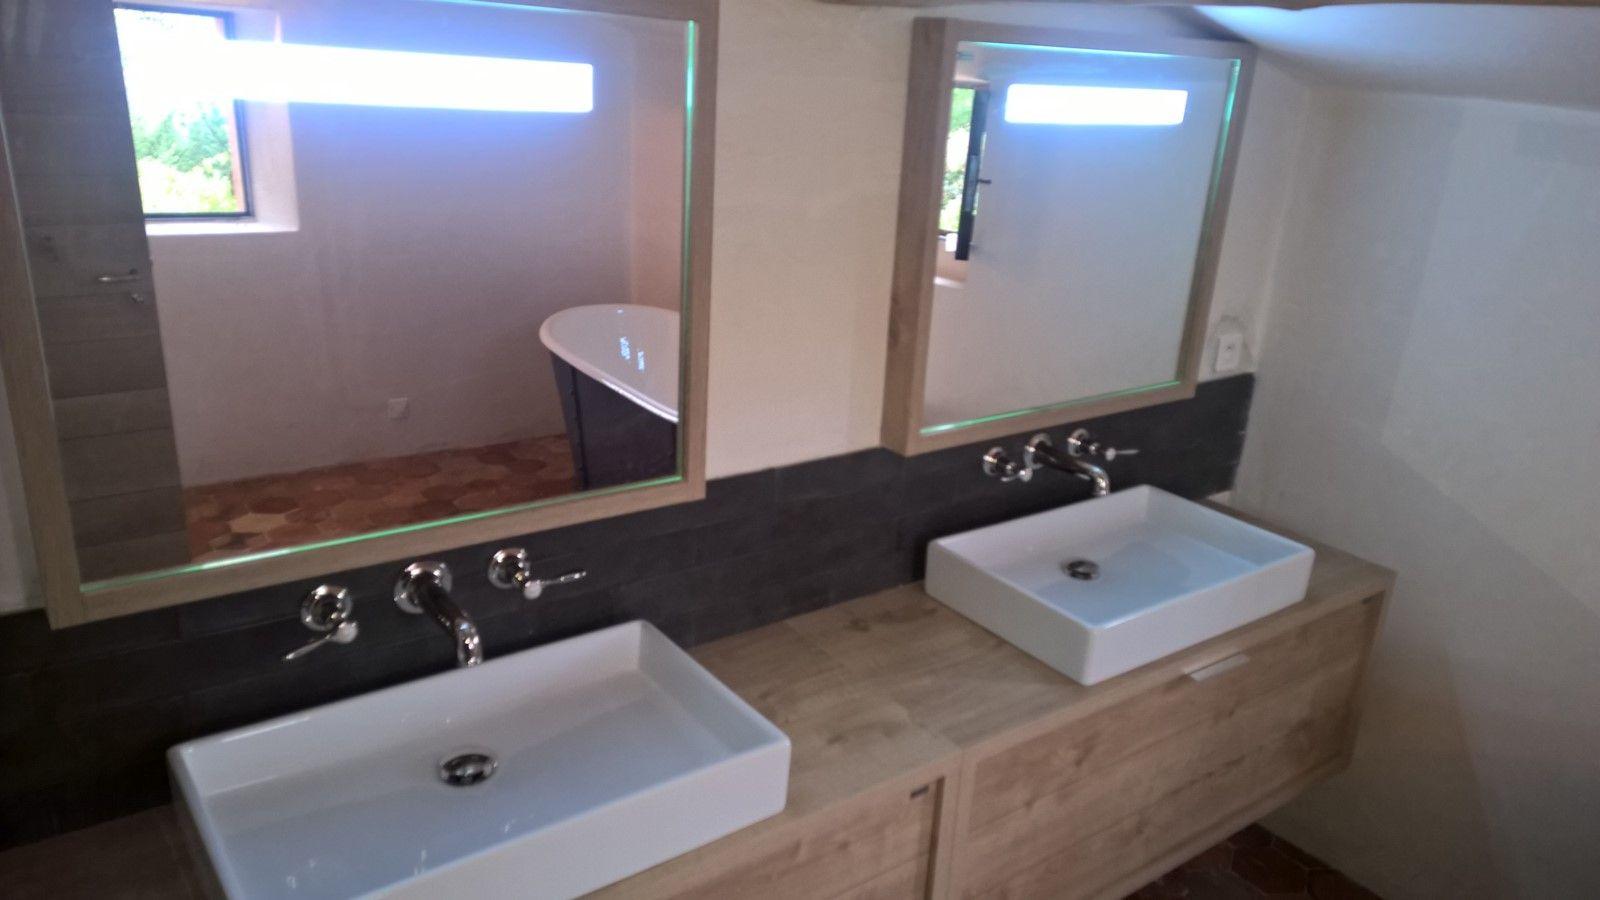 Salle De Bain Avec Baignoire réalisation d'une salle de bains avec baignoire ilot en